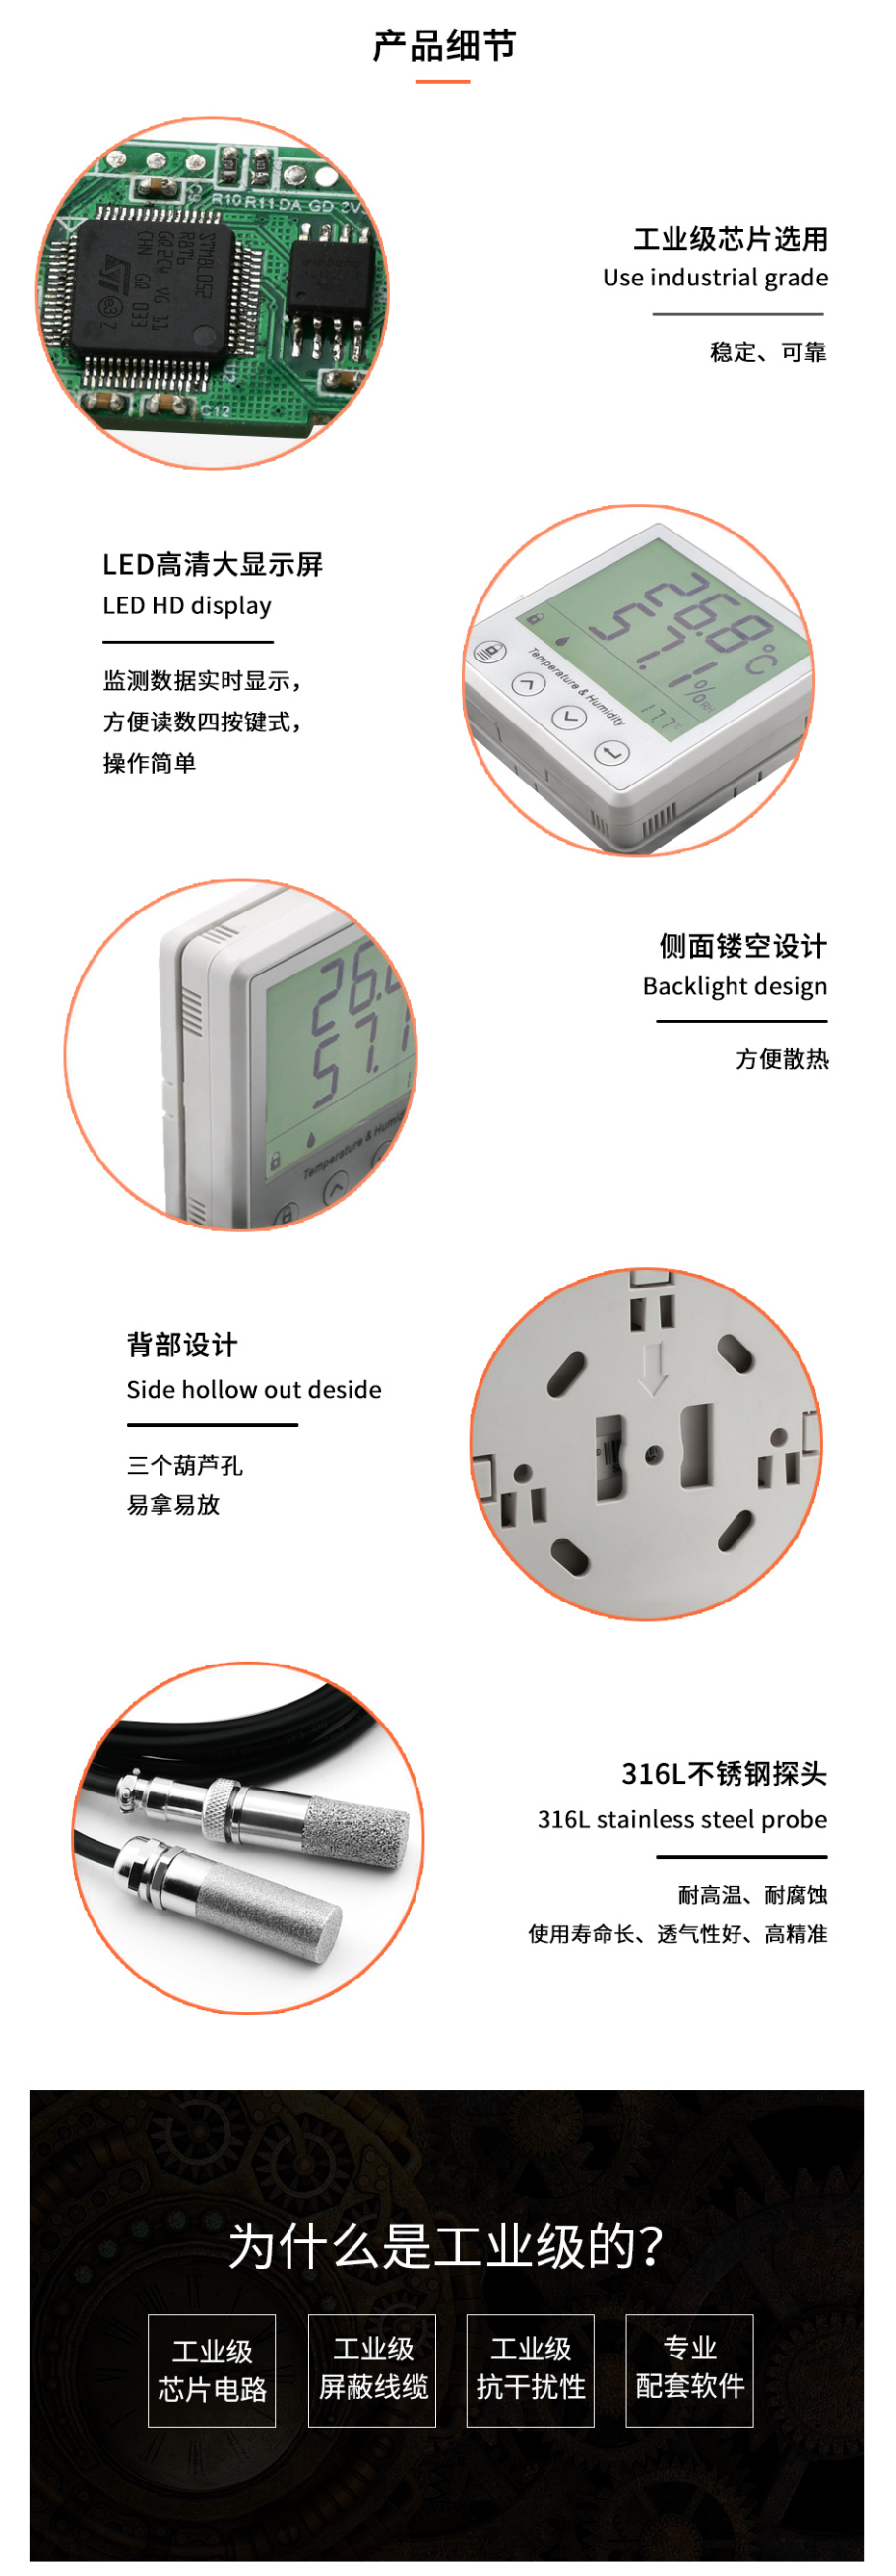 温湿度变送器详情页-中文官网_03.jpg